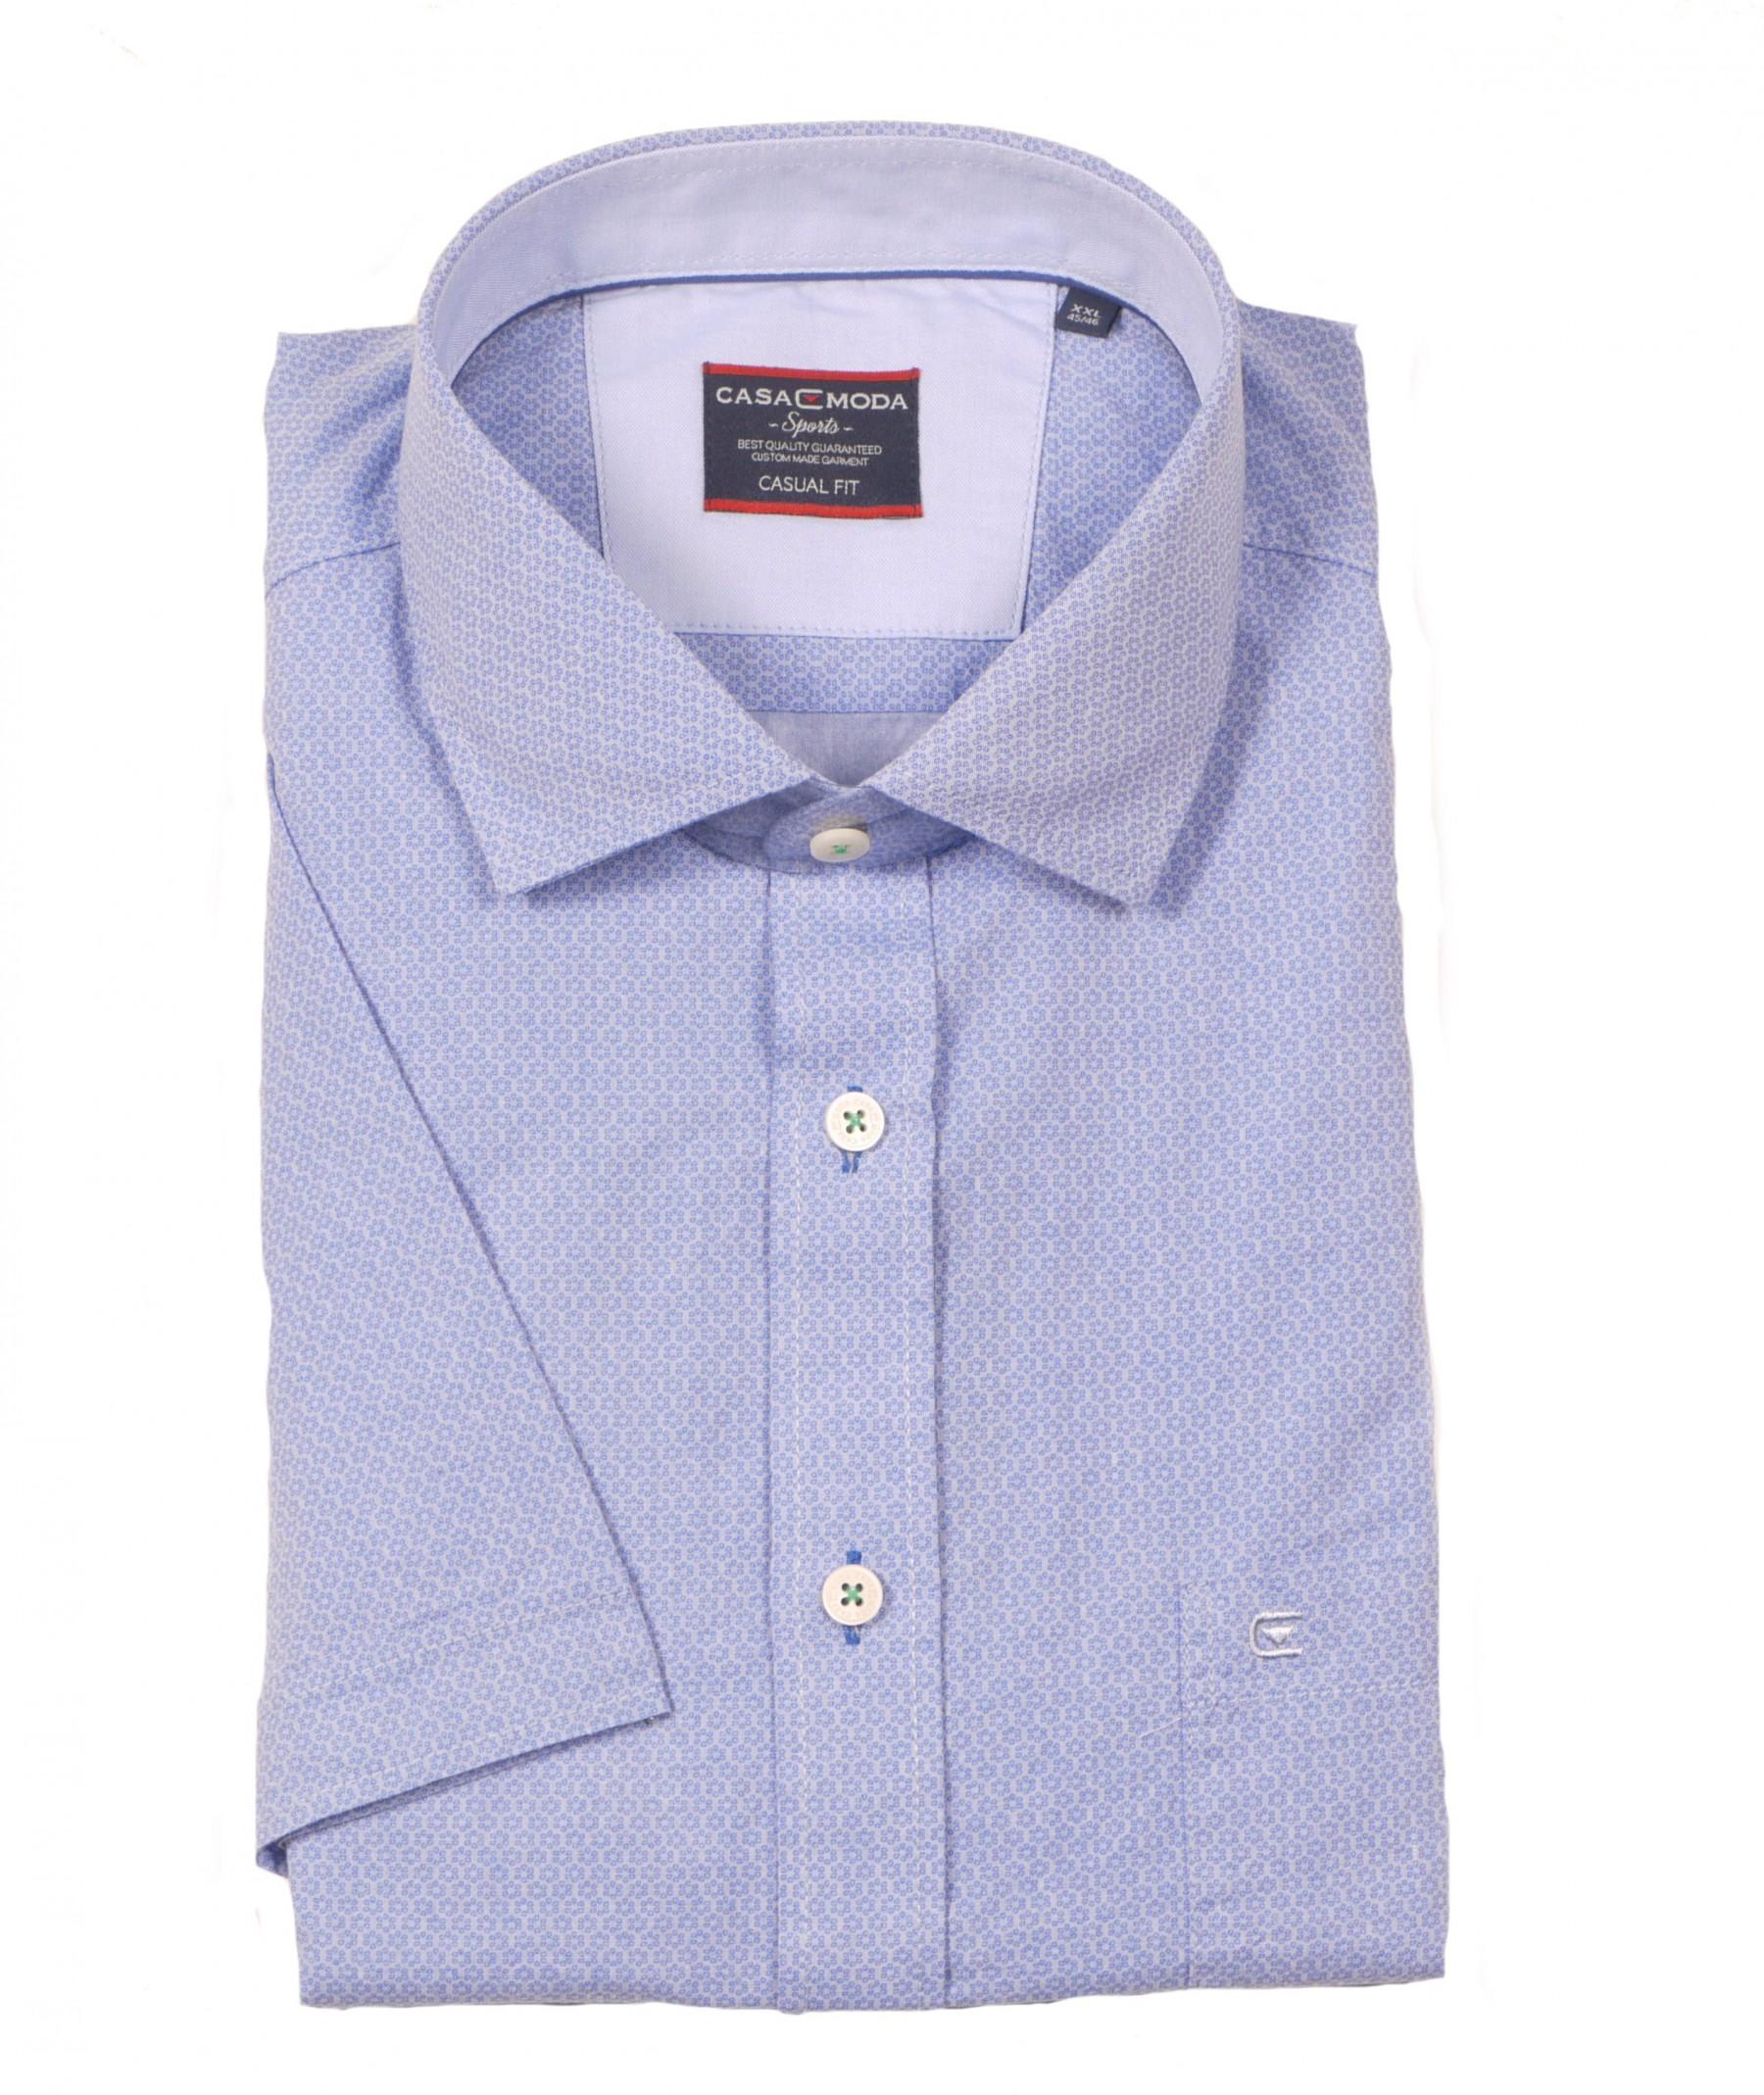 67aa105e1ee0 Kurzarm Hemd von Casa Moda mit Kent Kragen, blau